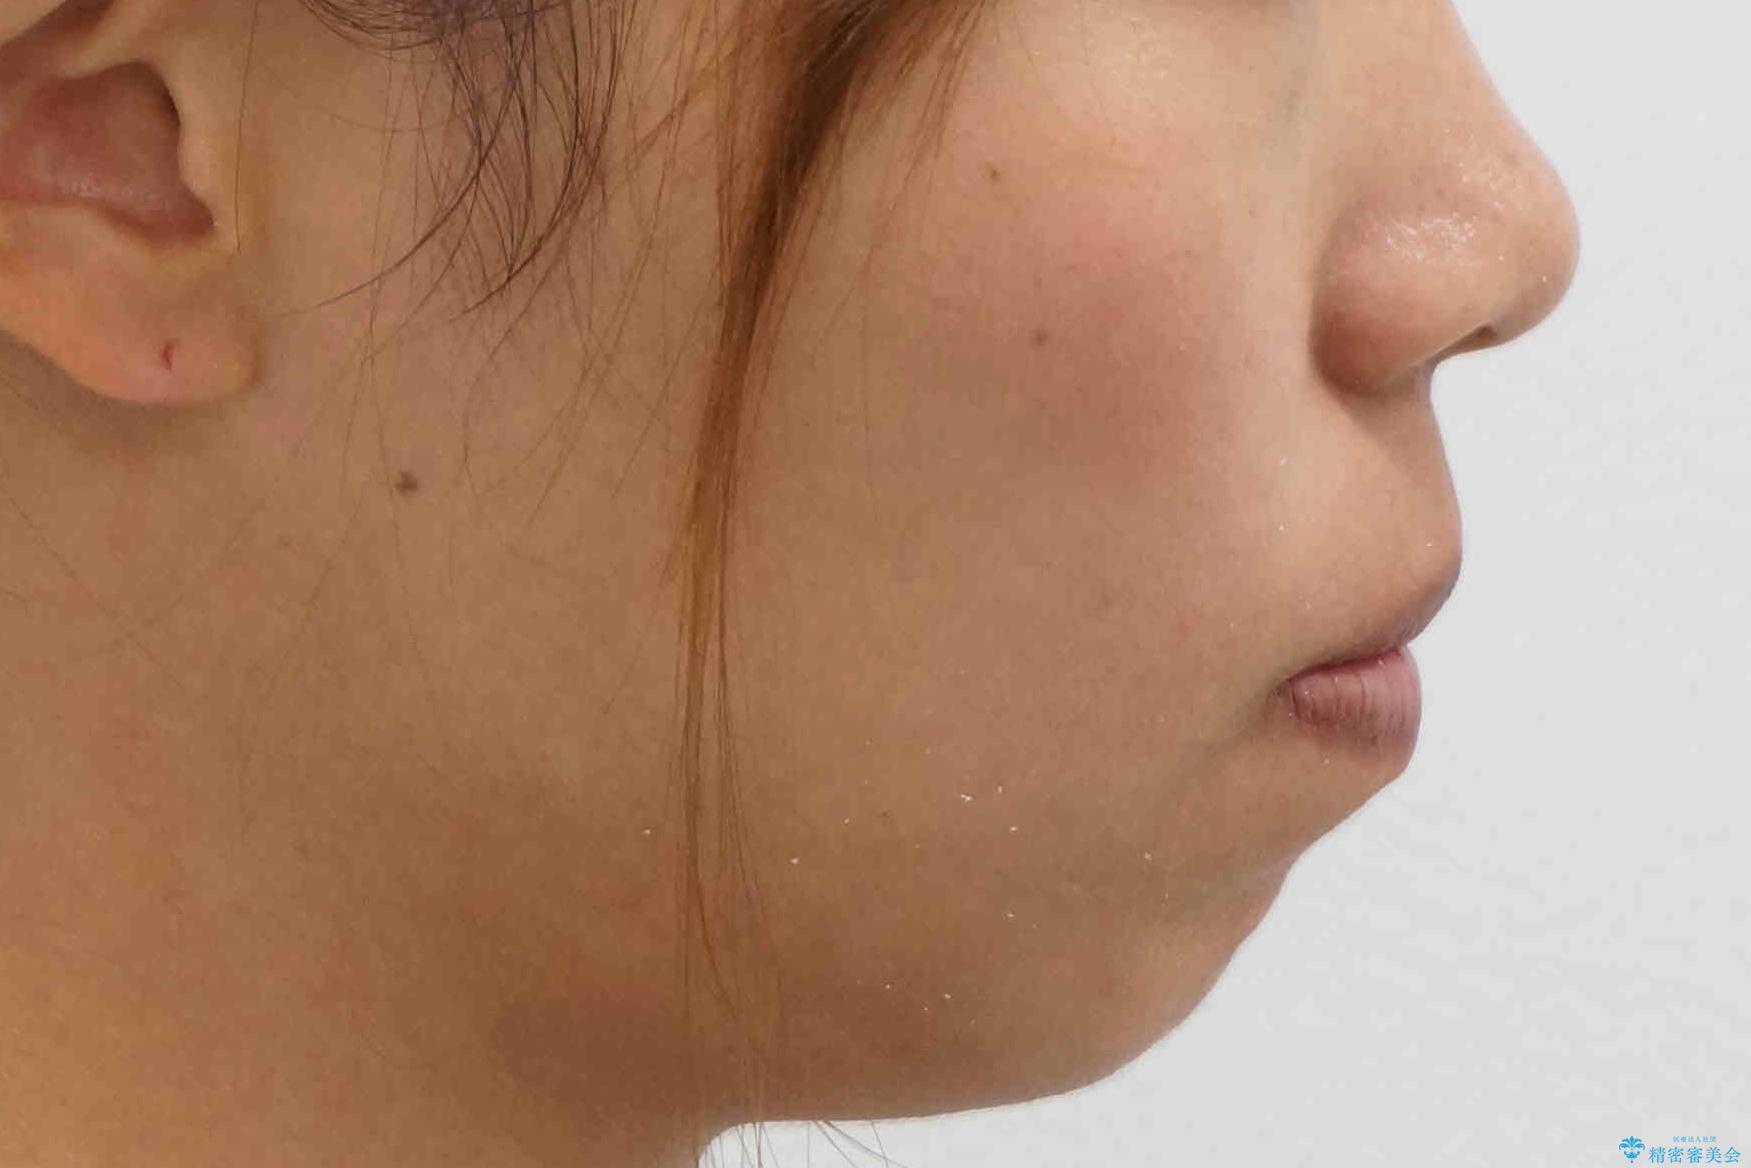 八重歯 抜かずにマウスピース矯正治療の治療後(顔貌)